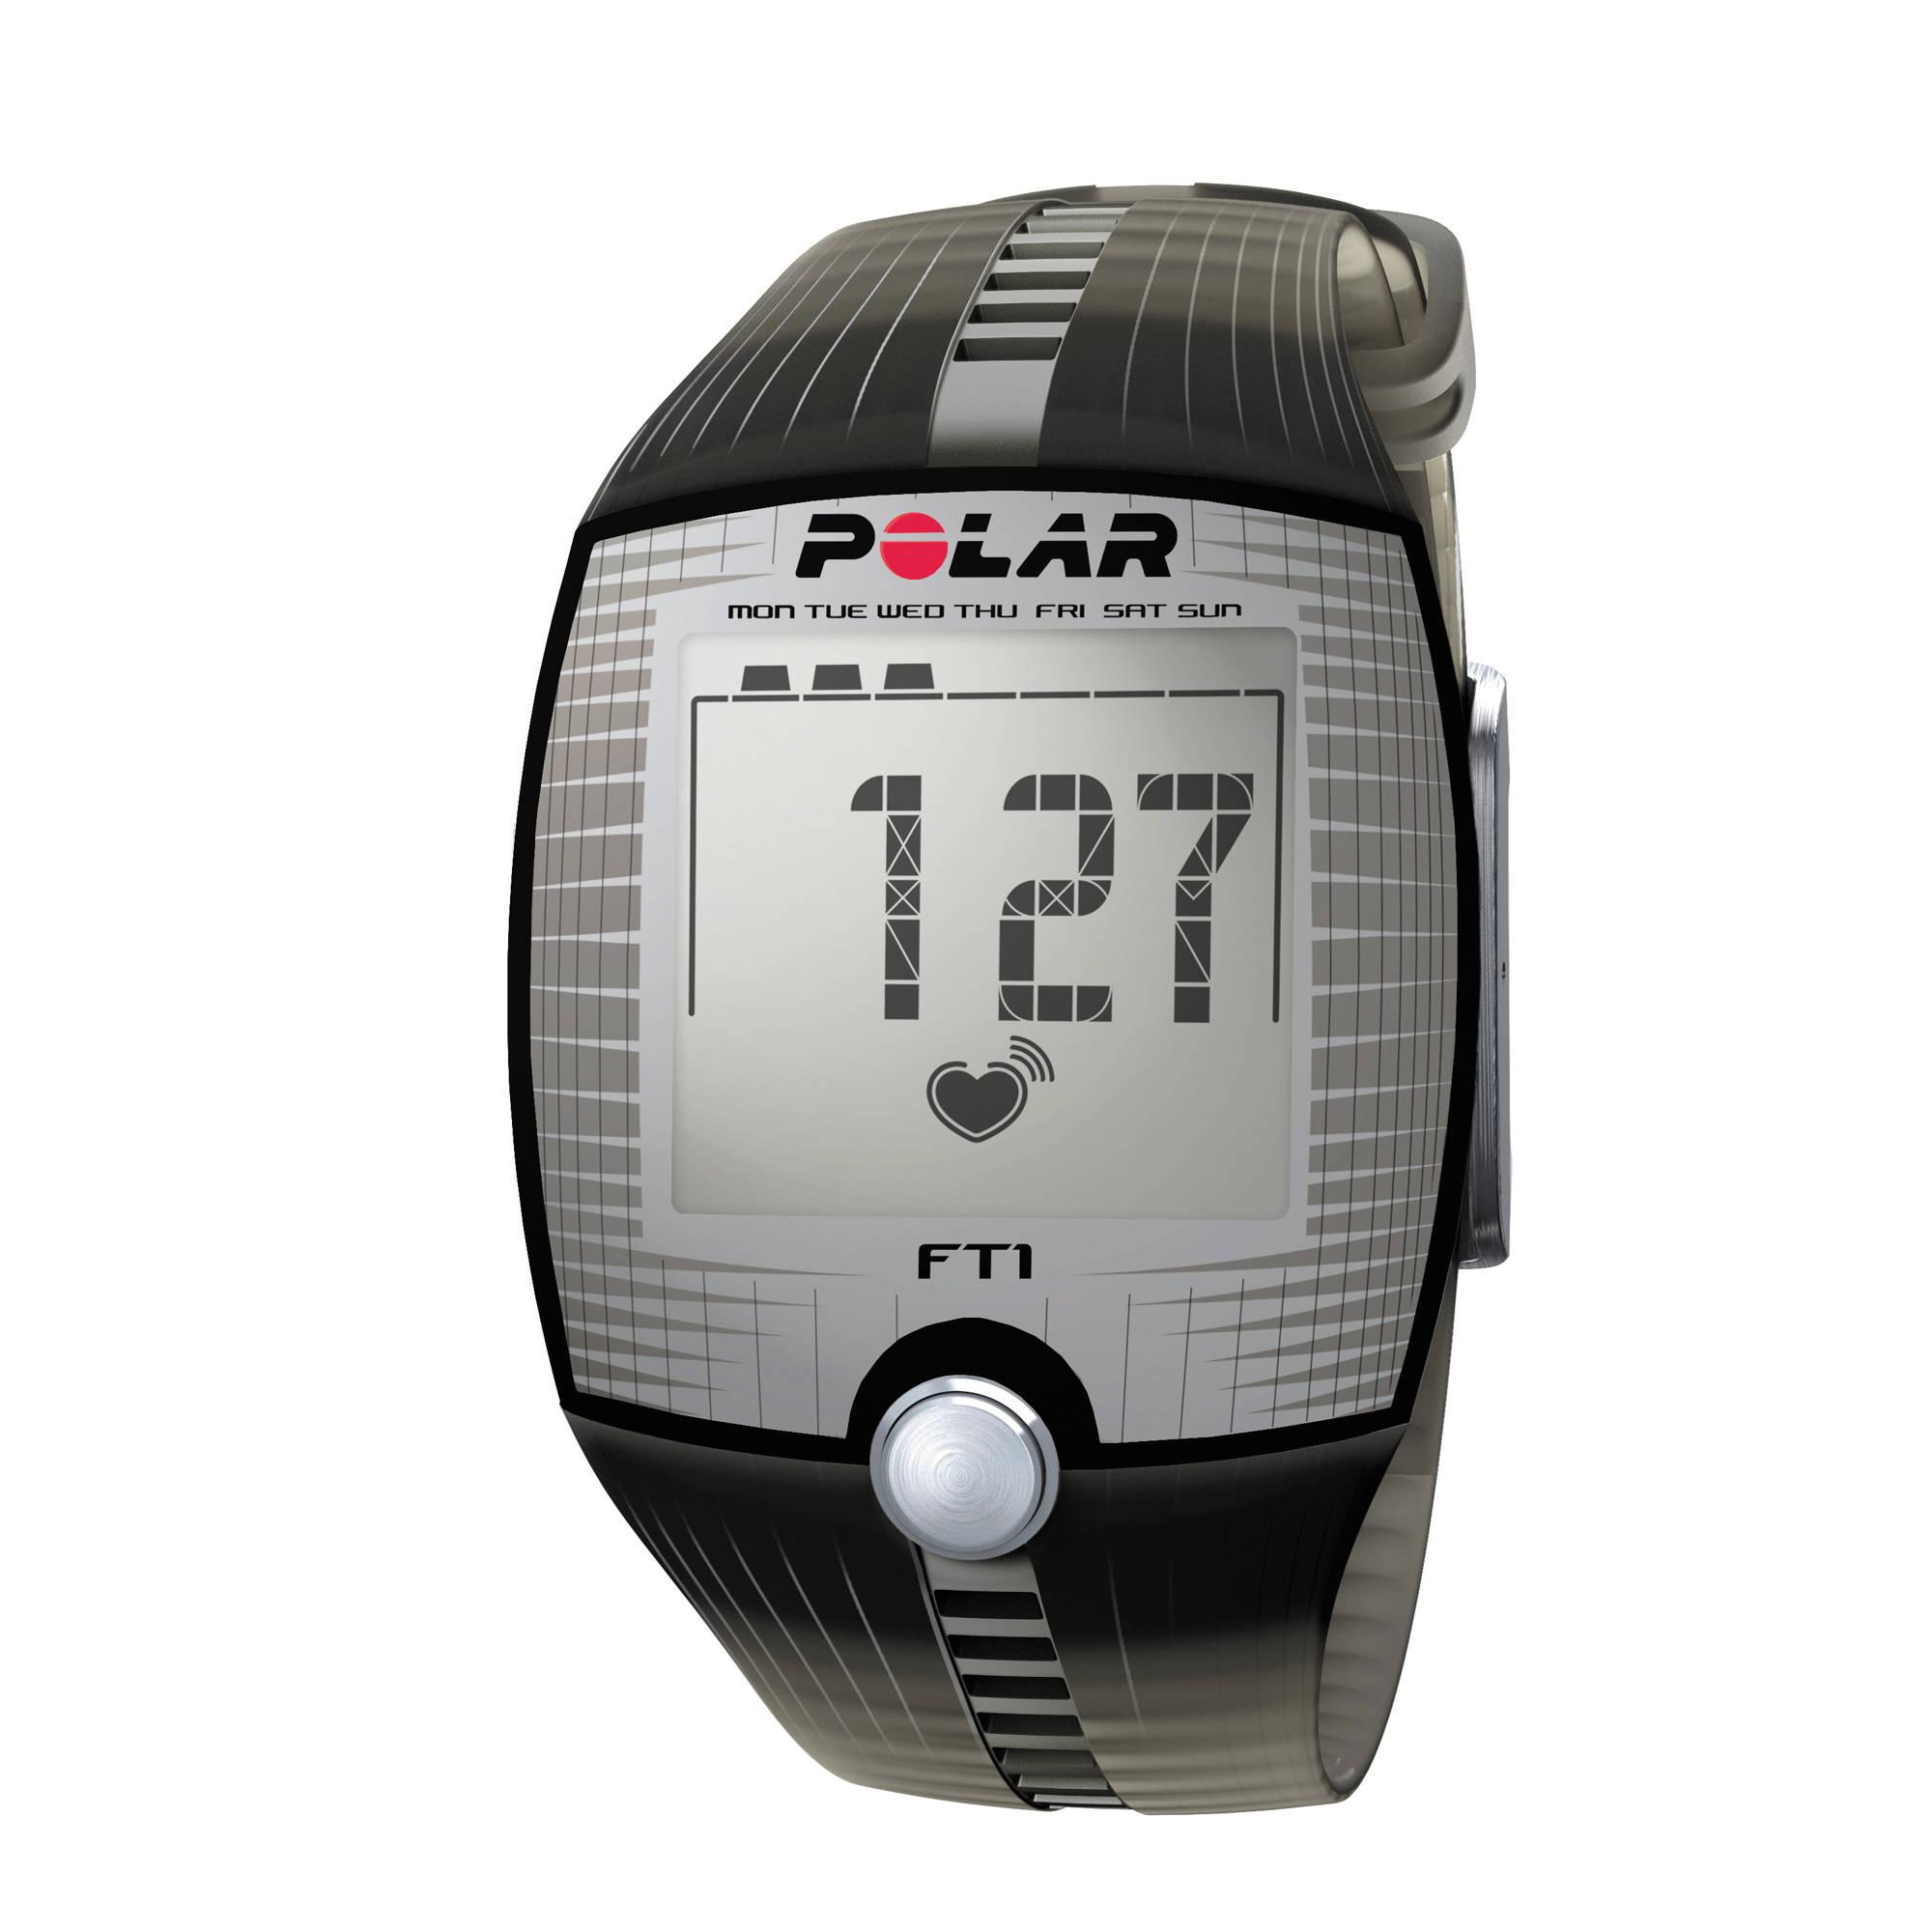 שעון ספורט FT1 Polar, מתאים לאימון אירובי וספורט משולב